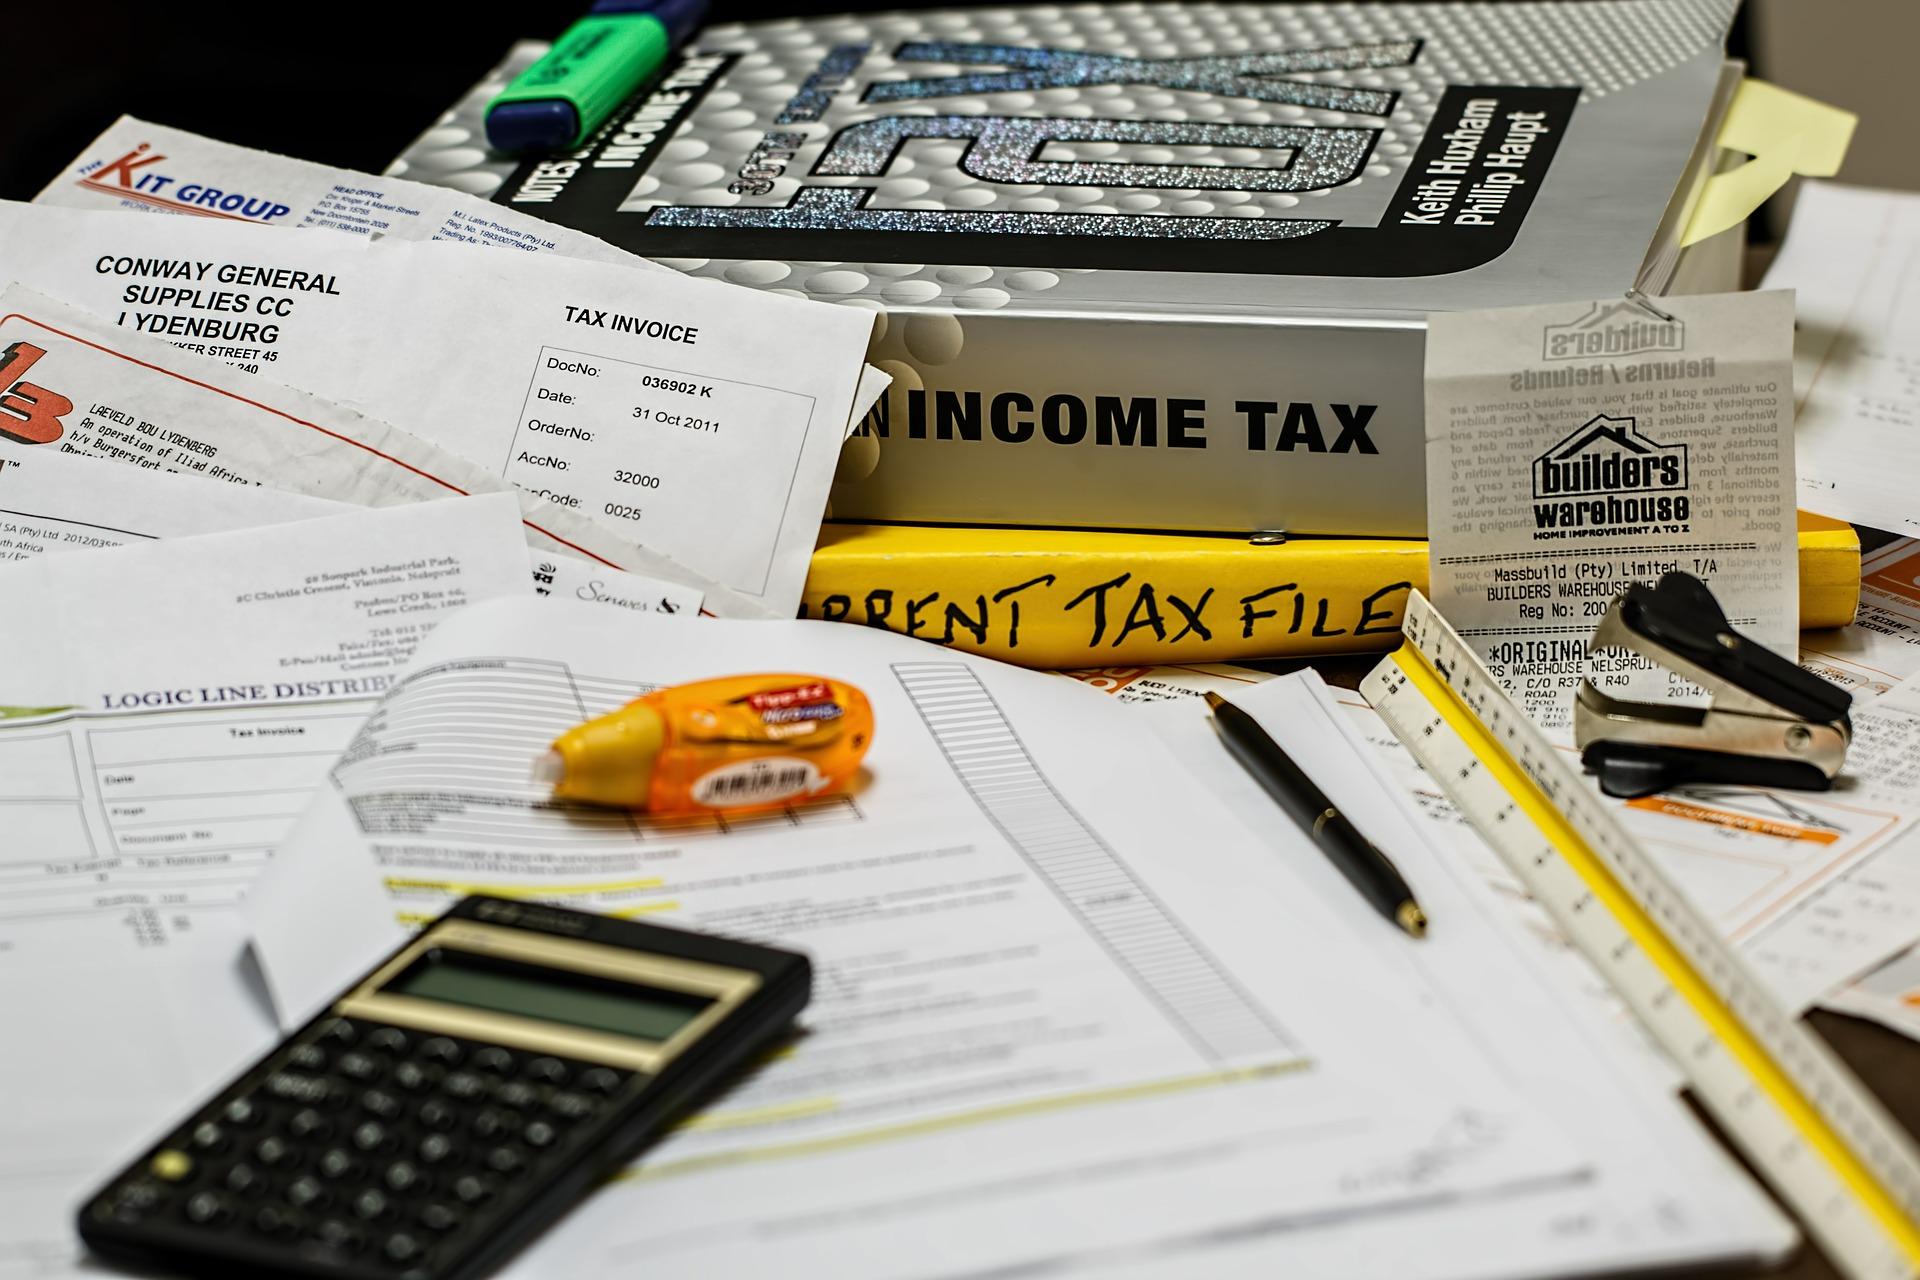 税理士が教える税金講座! 【第5回】フリーランスが納めるべき所得税以外の税金の種類について